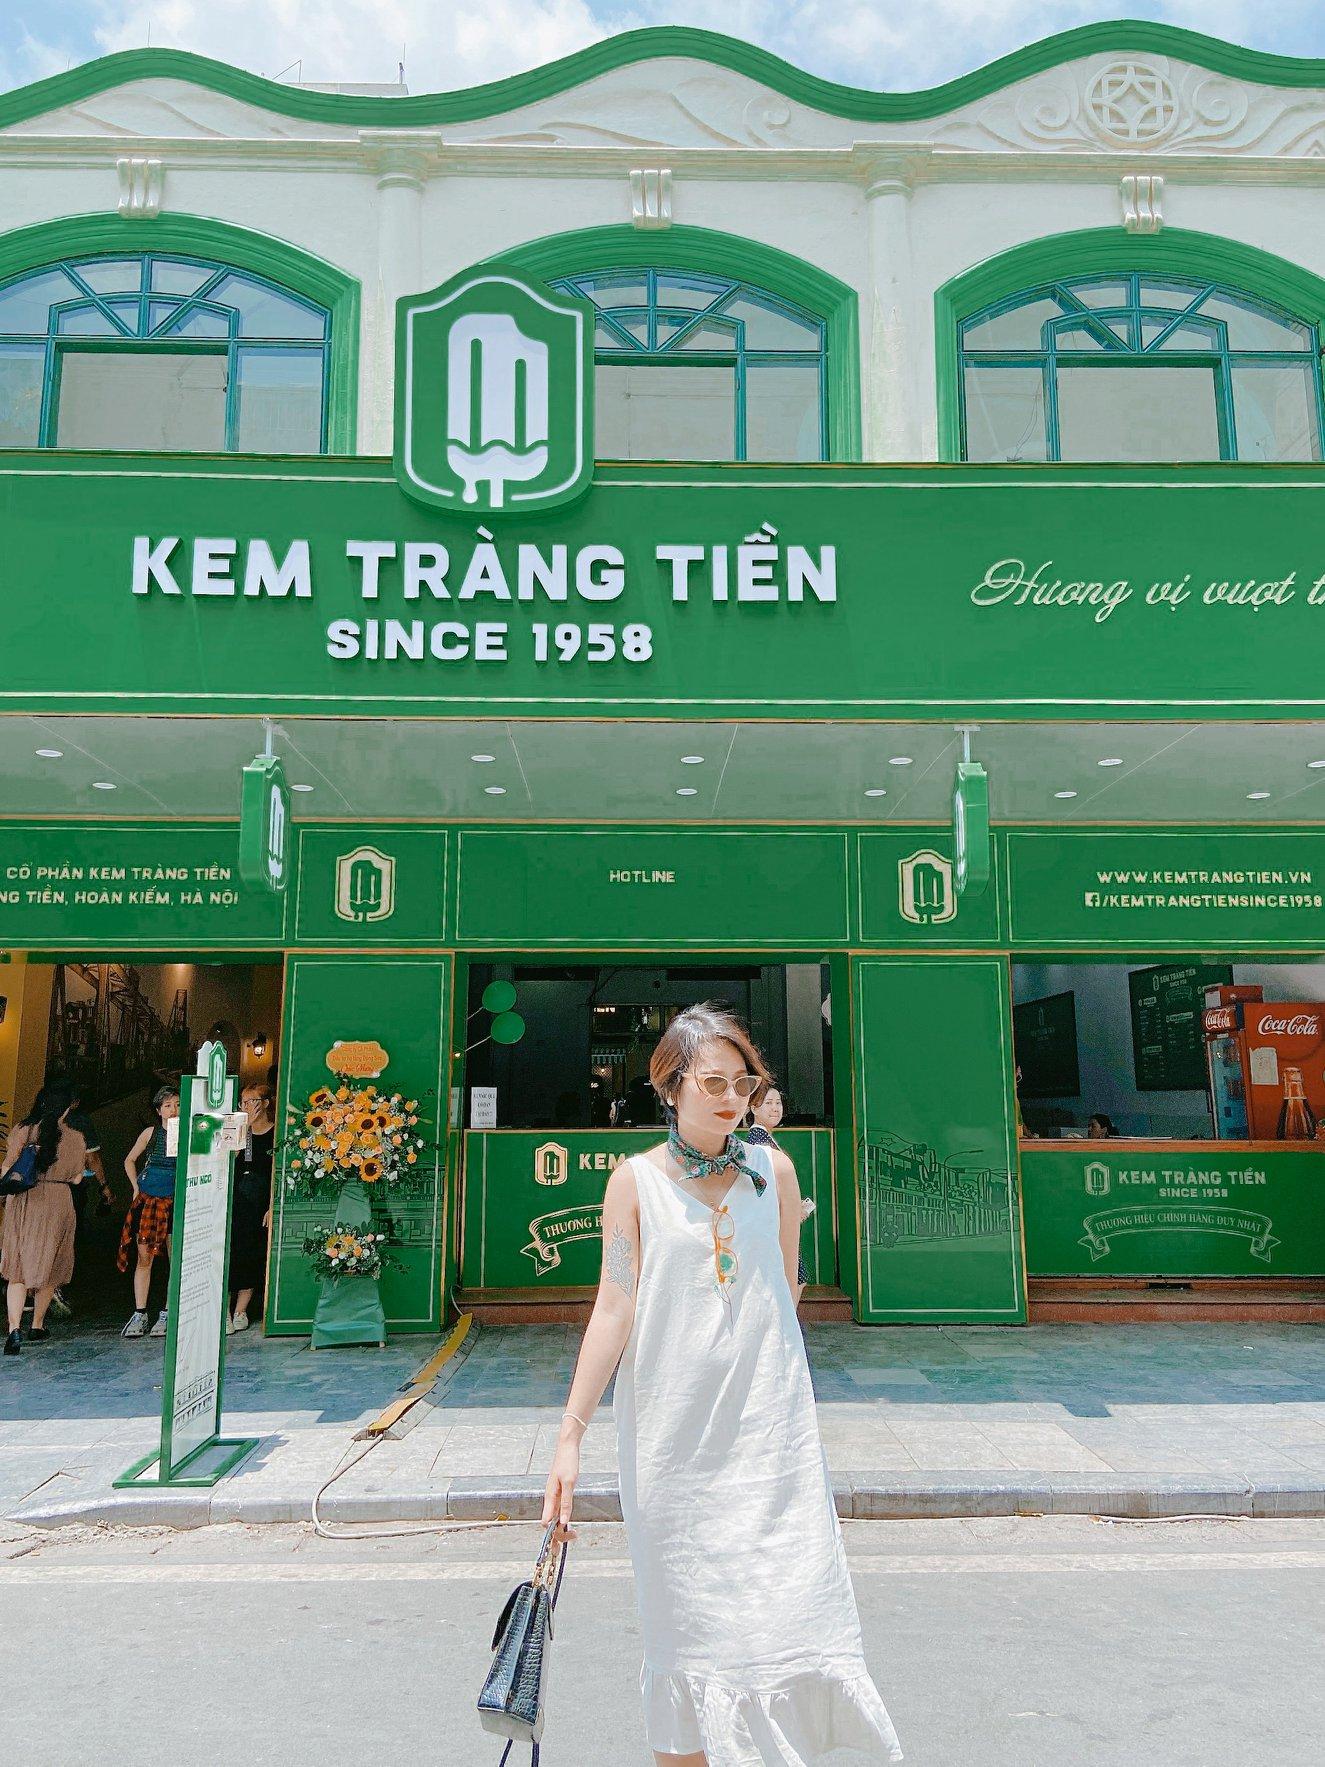 """Diện mạo mới của Kem Tràng Tiền chính thức ra mắt: Cả Hà Nội đổ về đây để  ăn kem và check-in """"sống ảo"""" - Photos & Travel"""